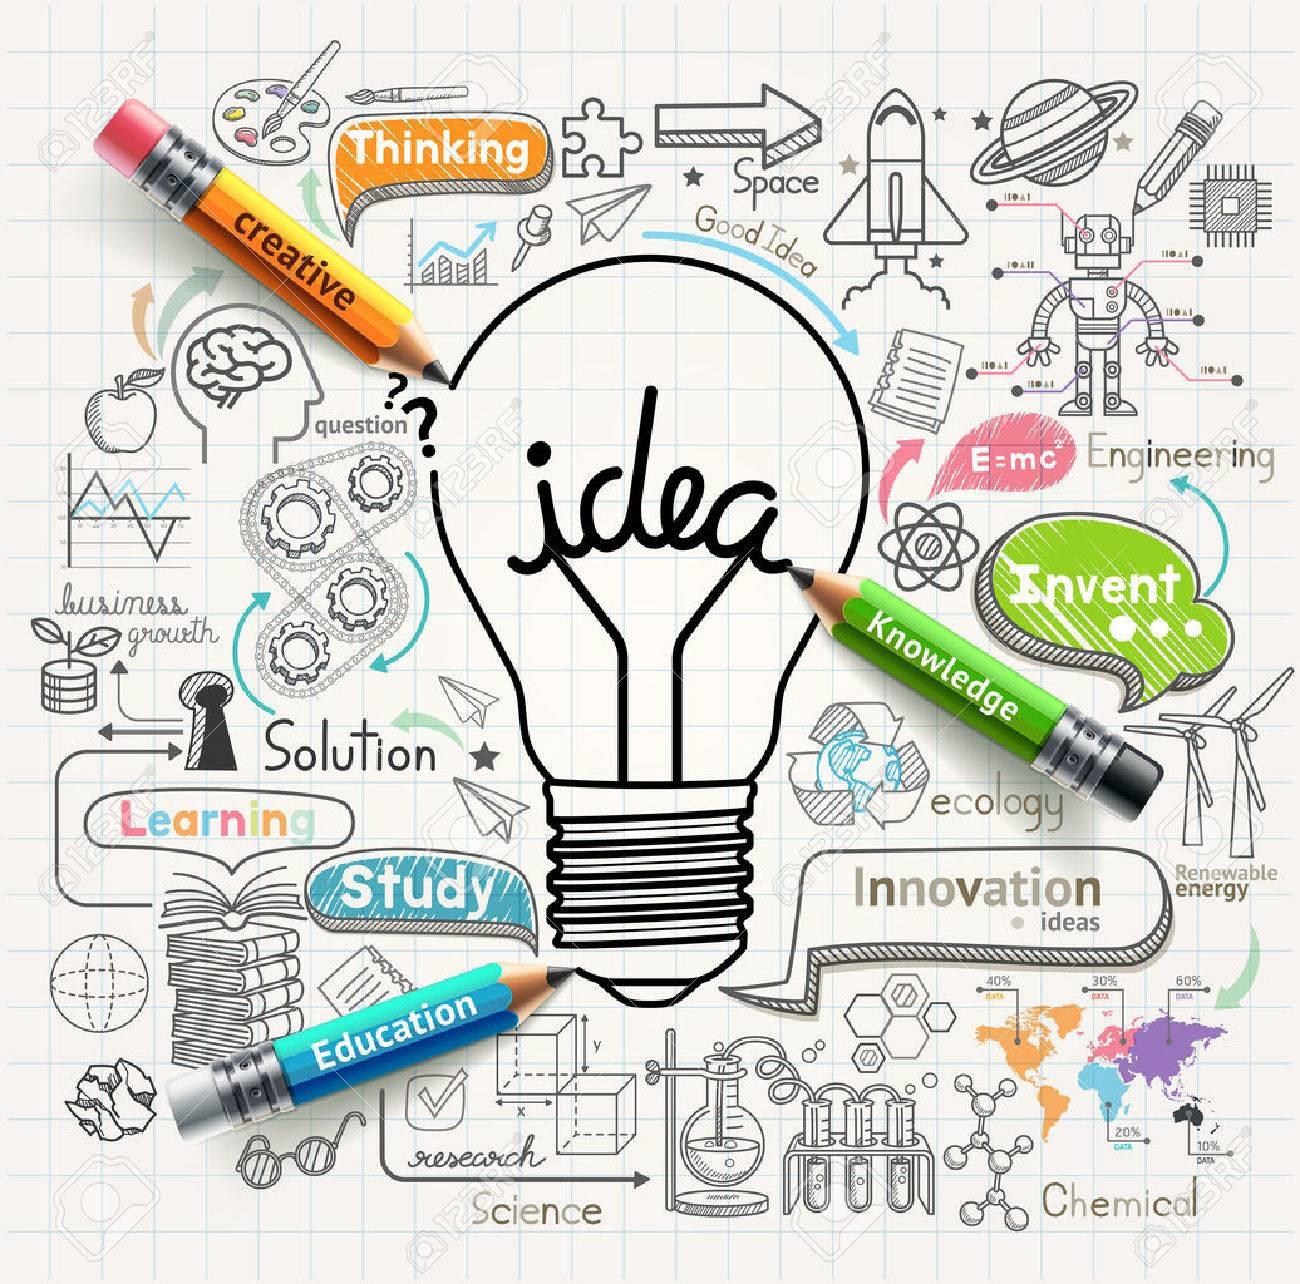 Lightbulb ideas concept doodles icons set - 43877911